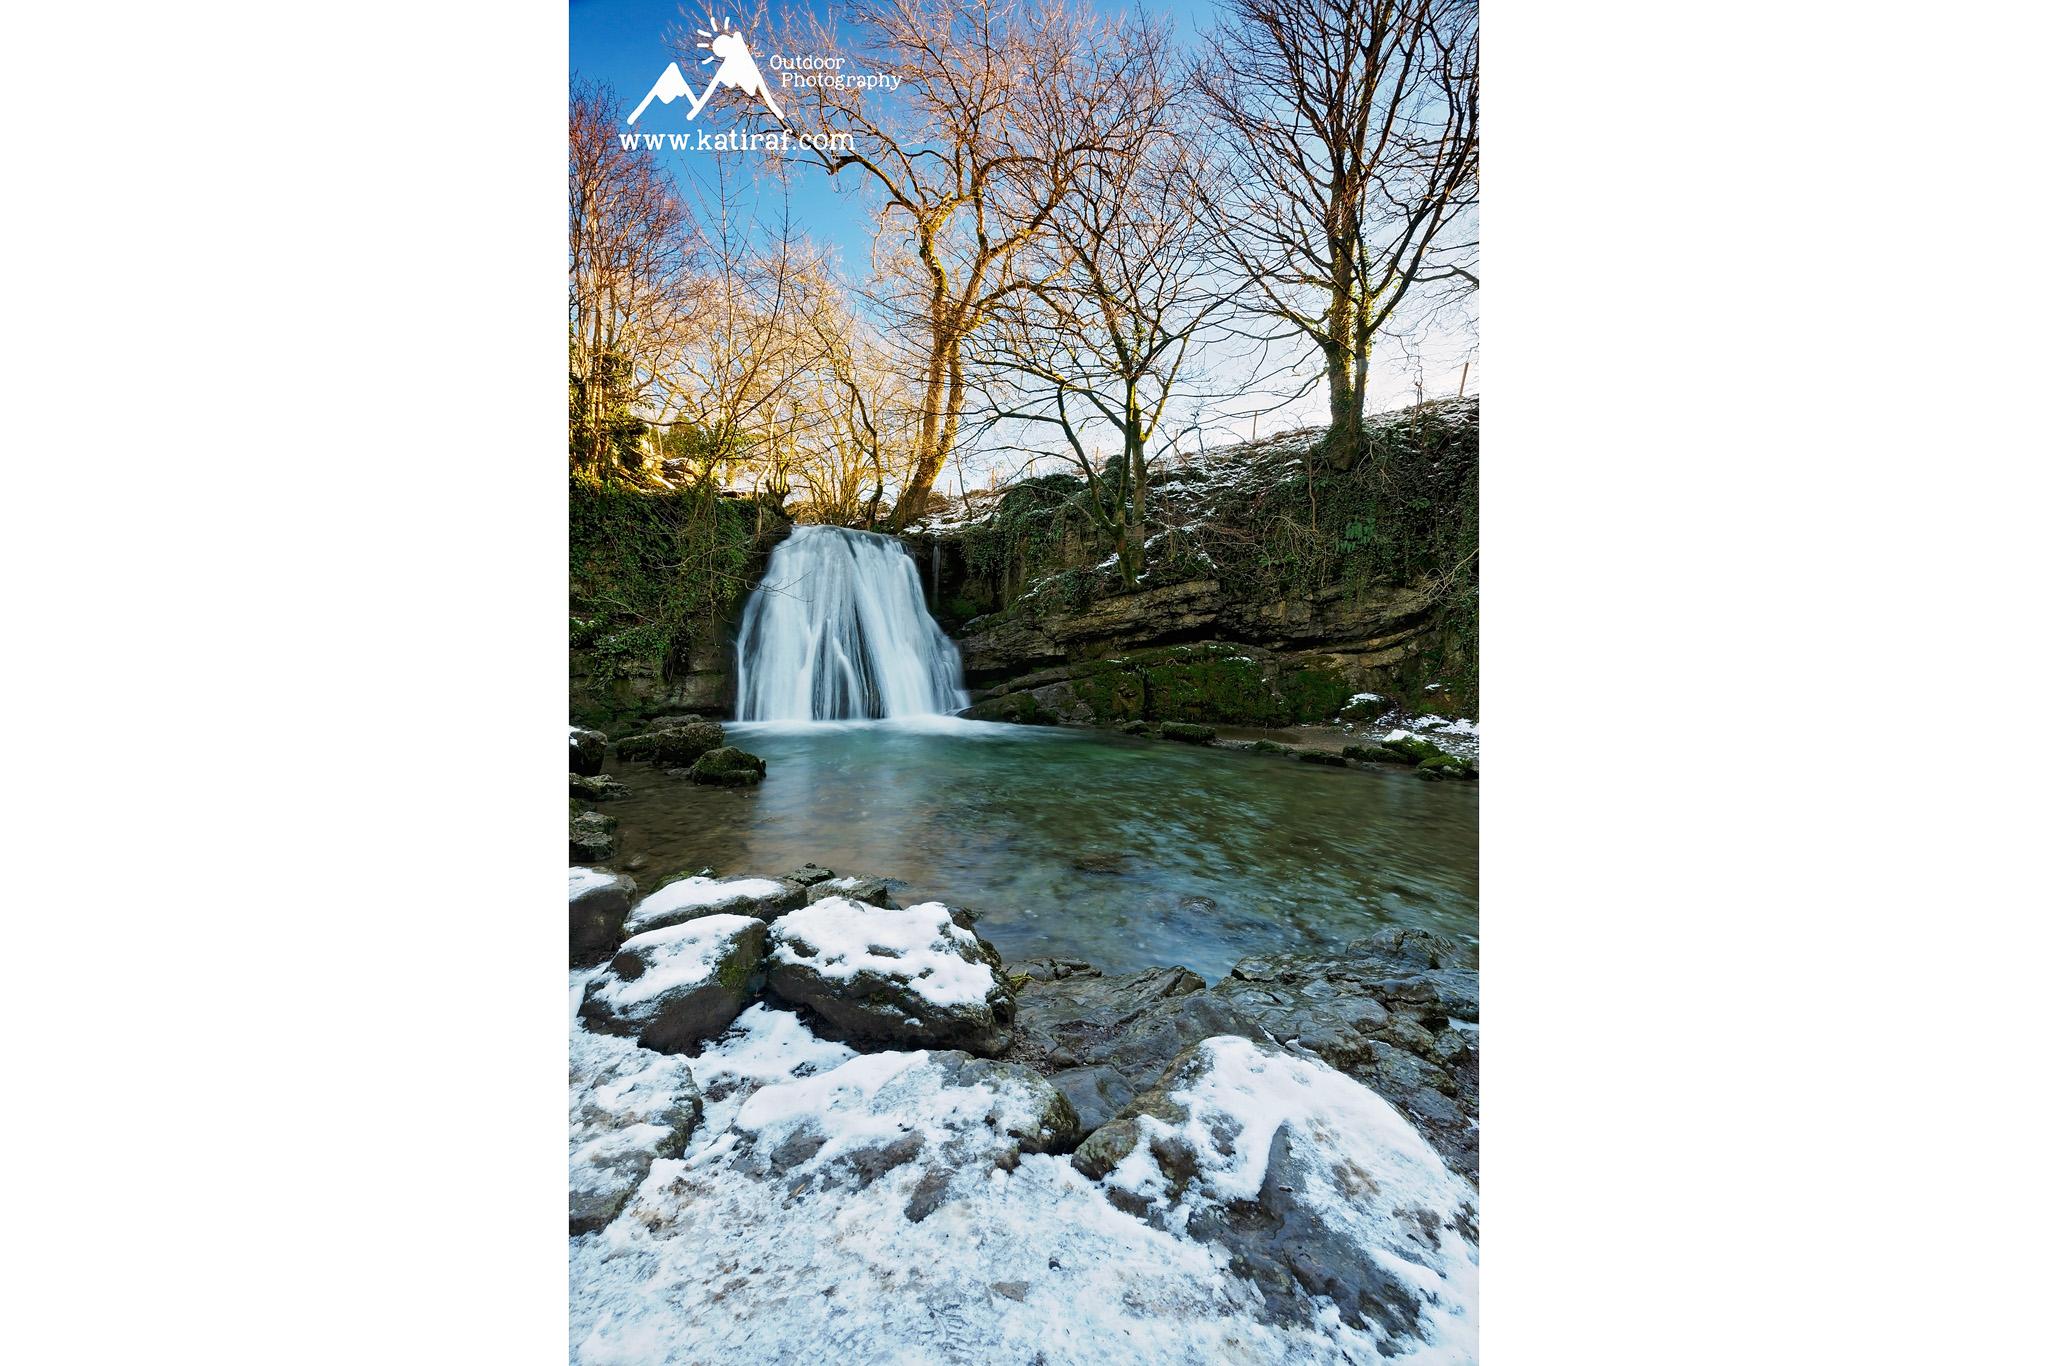 Wedrowka w Malham, wodospad Janet Foss, Yorkshire Dales, Anglia www.katiraf.com